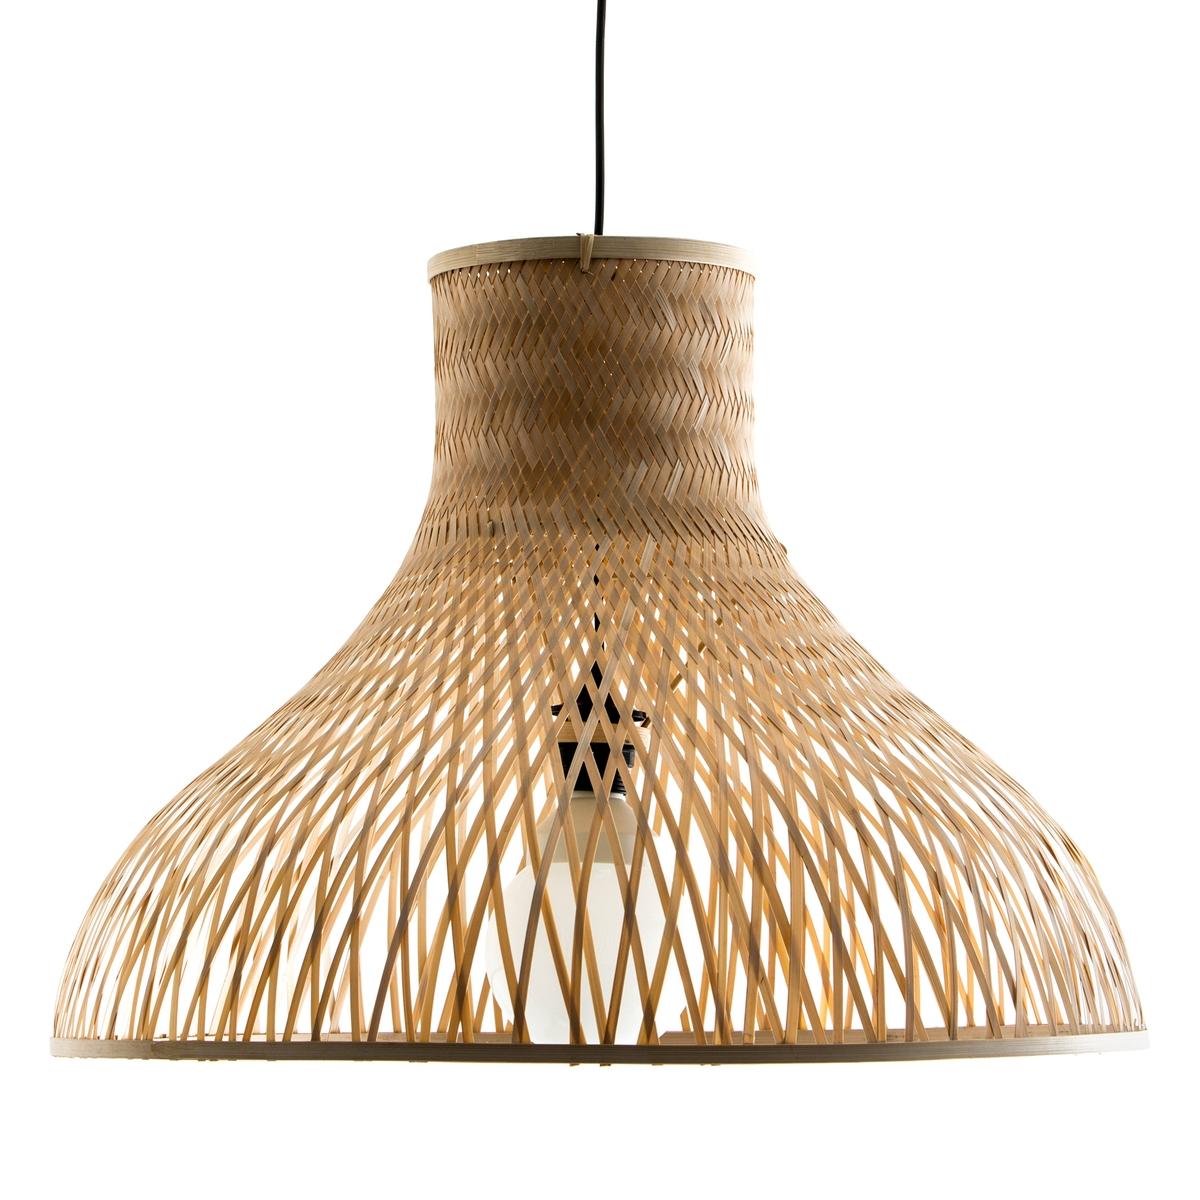 Светильник La Redoute Бамбуковый ONDINE единый размер бежевый